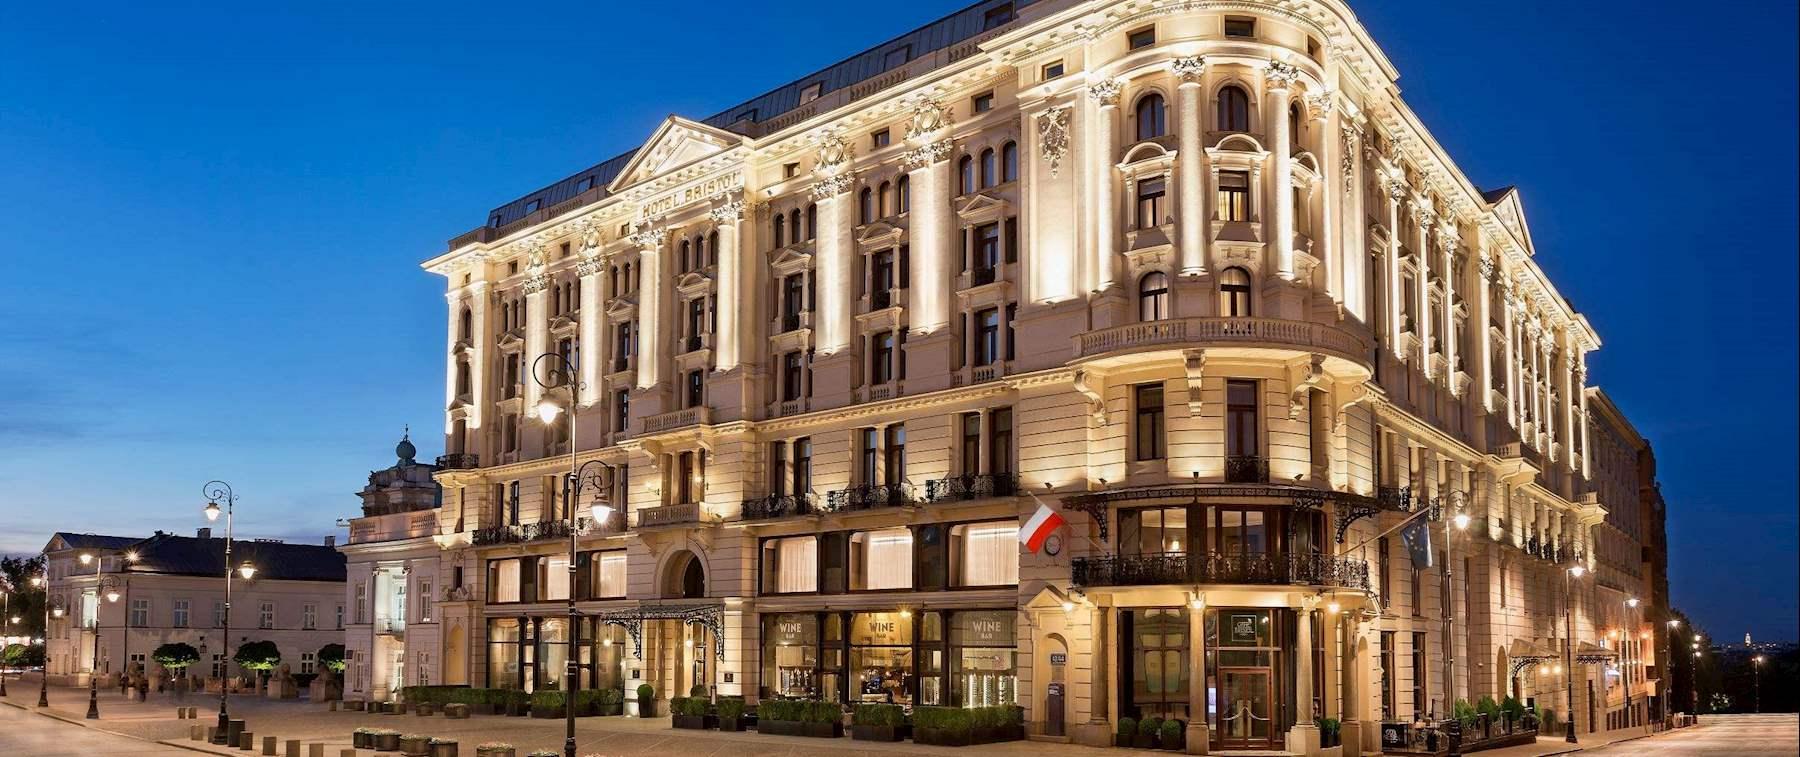 Oferty - Michał Tkaczyk - Marconi - Hotel Bristol Warsaw